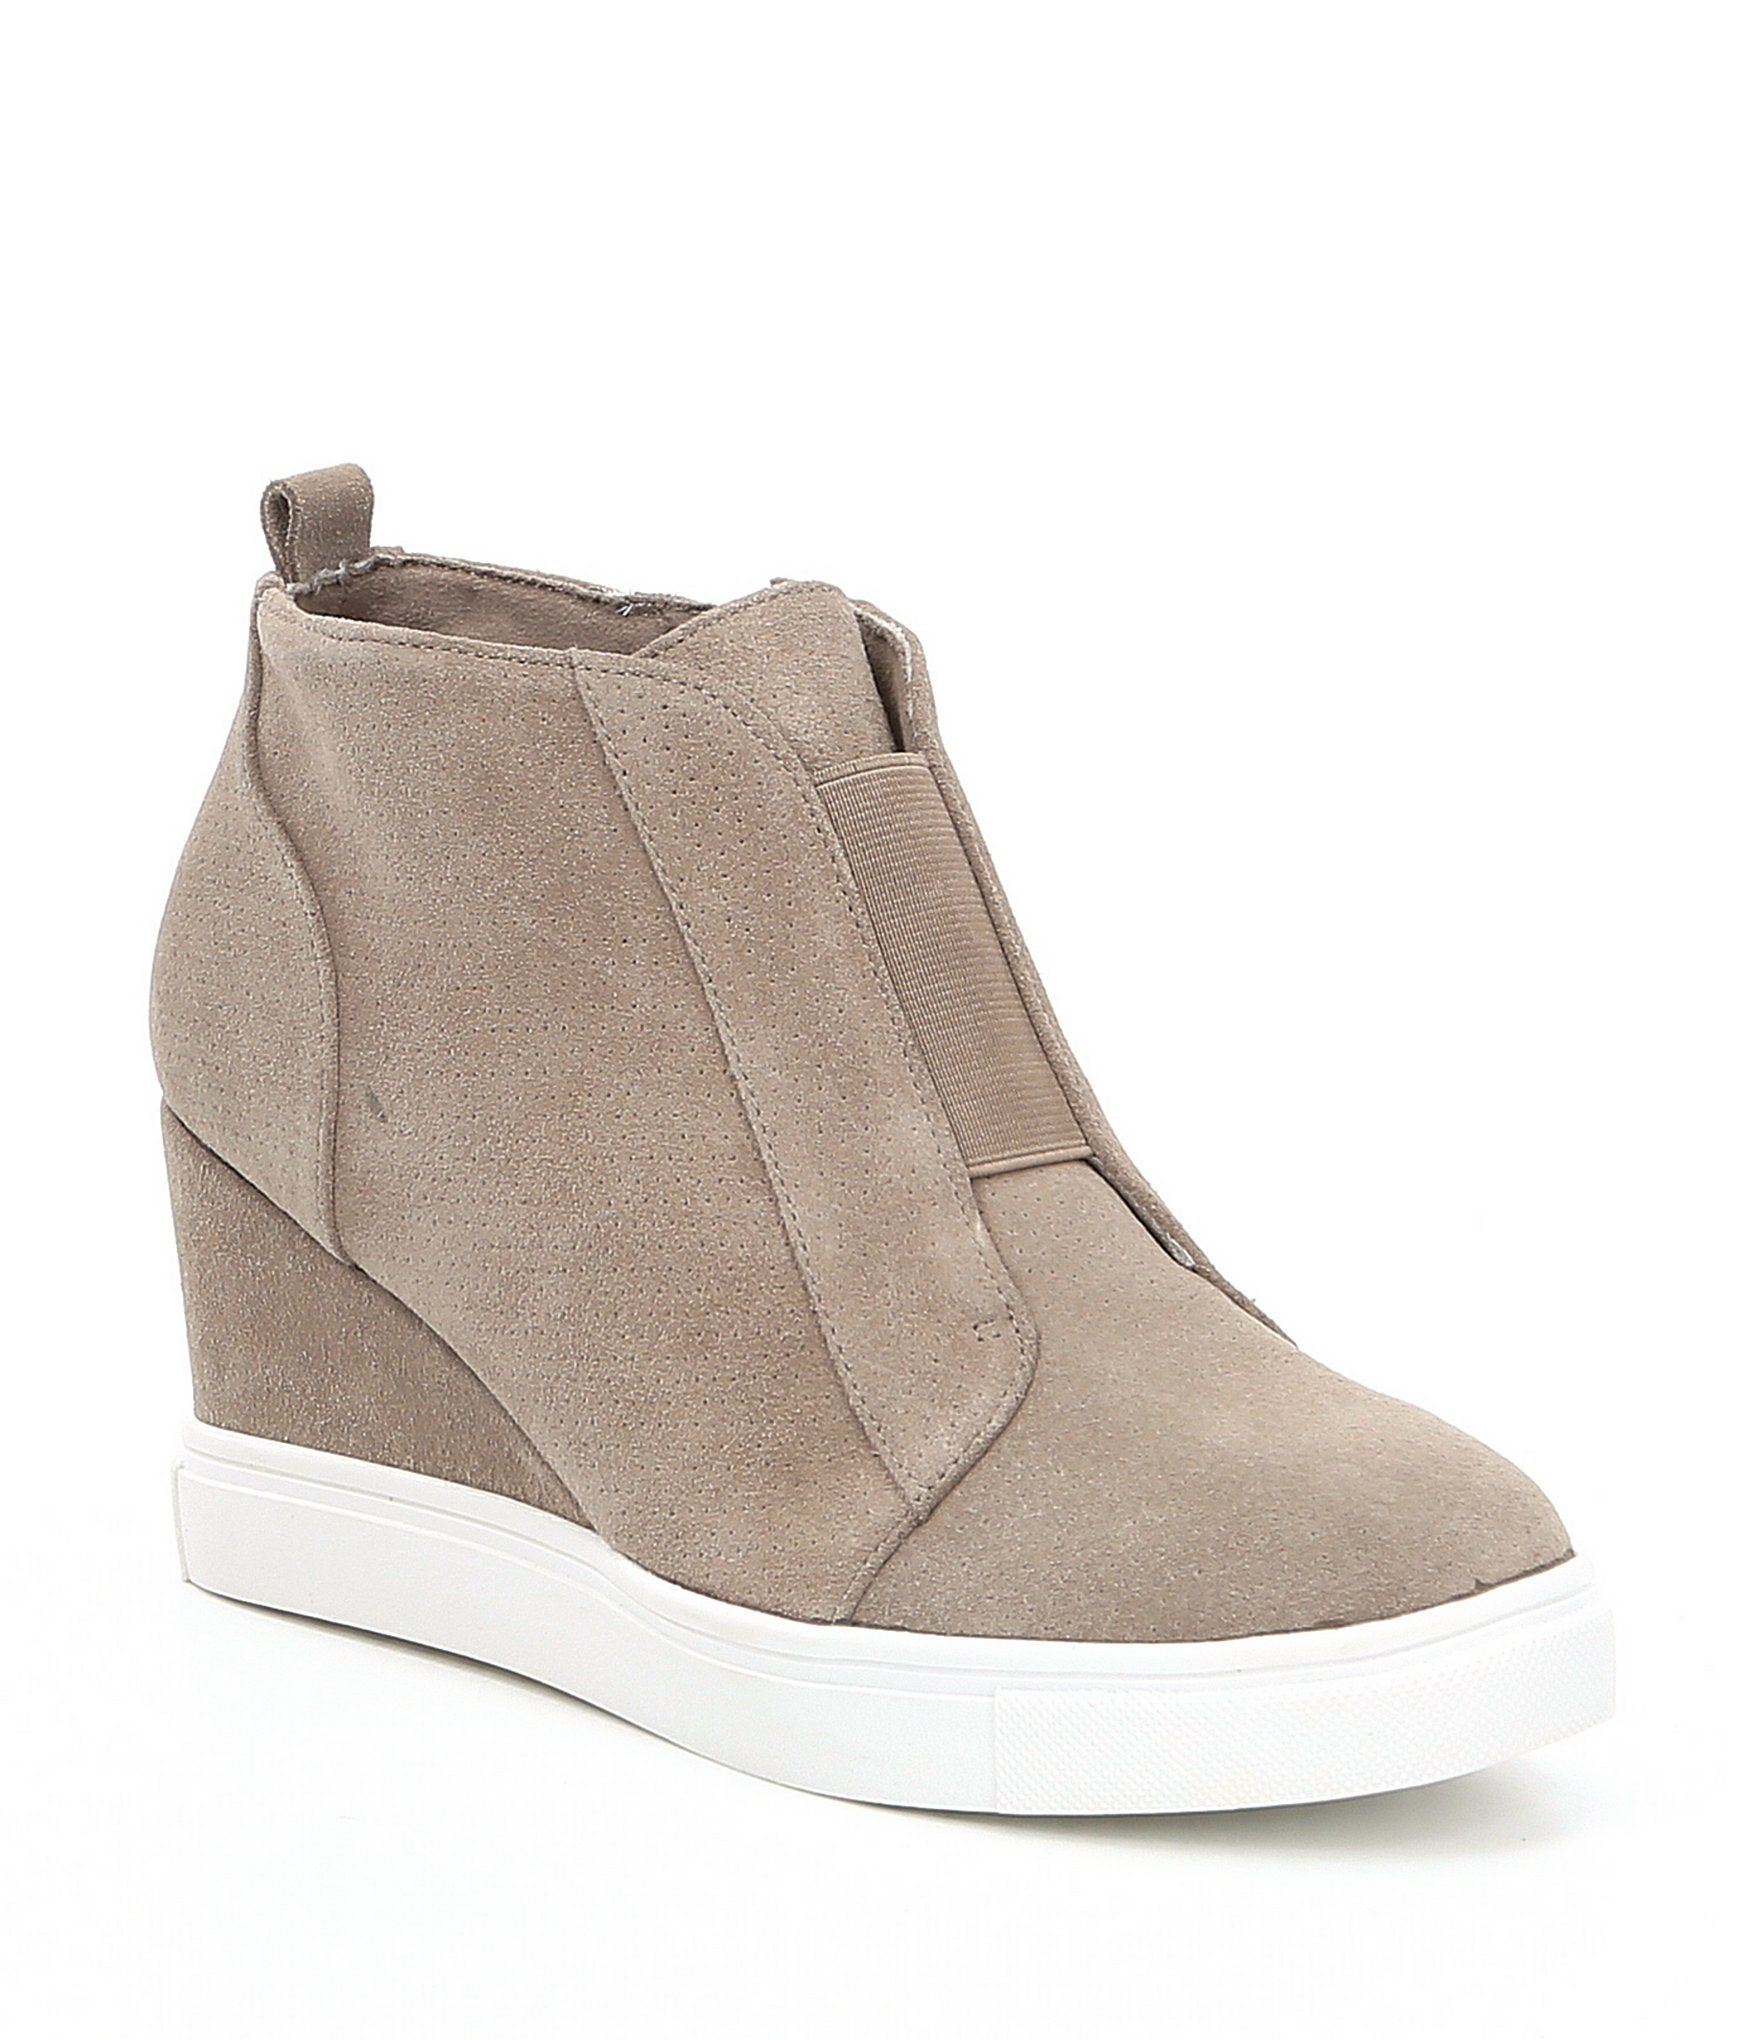 Blondo waterproof boots, Wedge sneakers